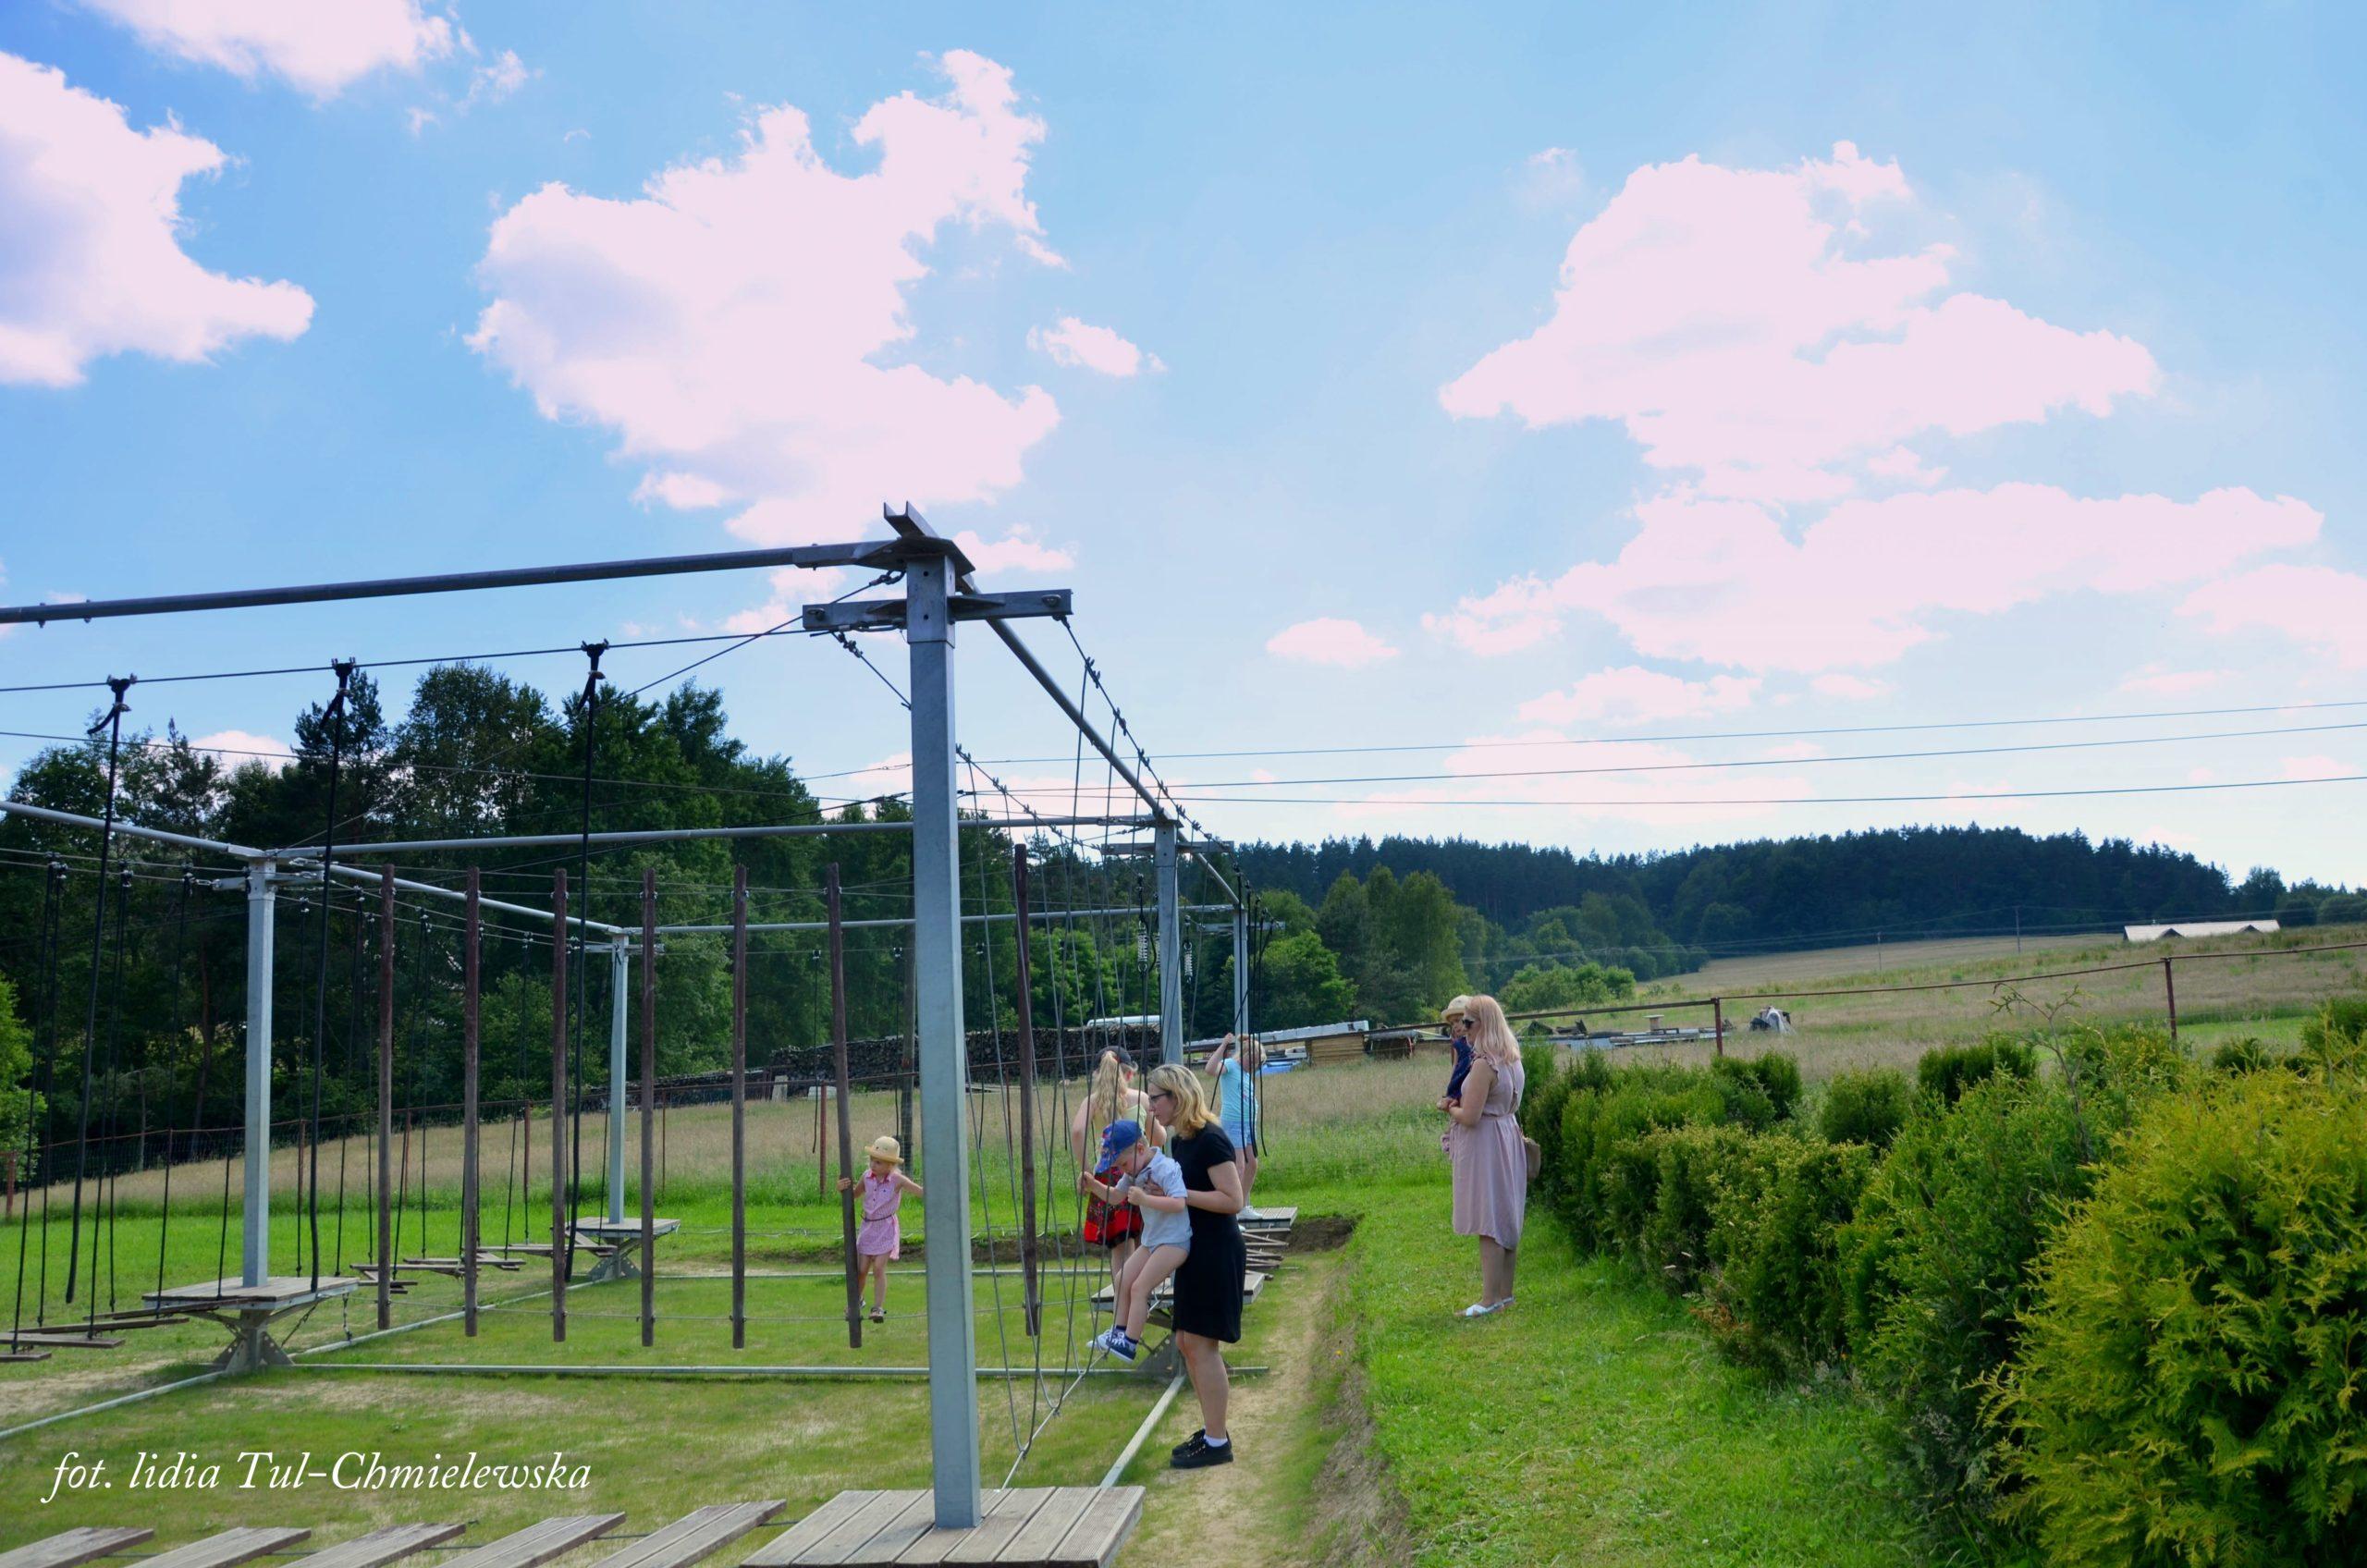 Wiejskie zoo zabawy fot. Lidia Tul-Chmielewska